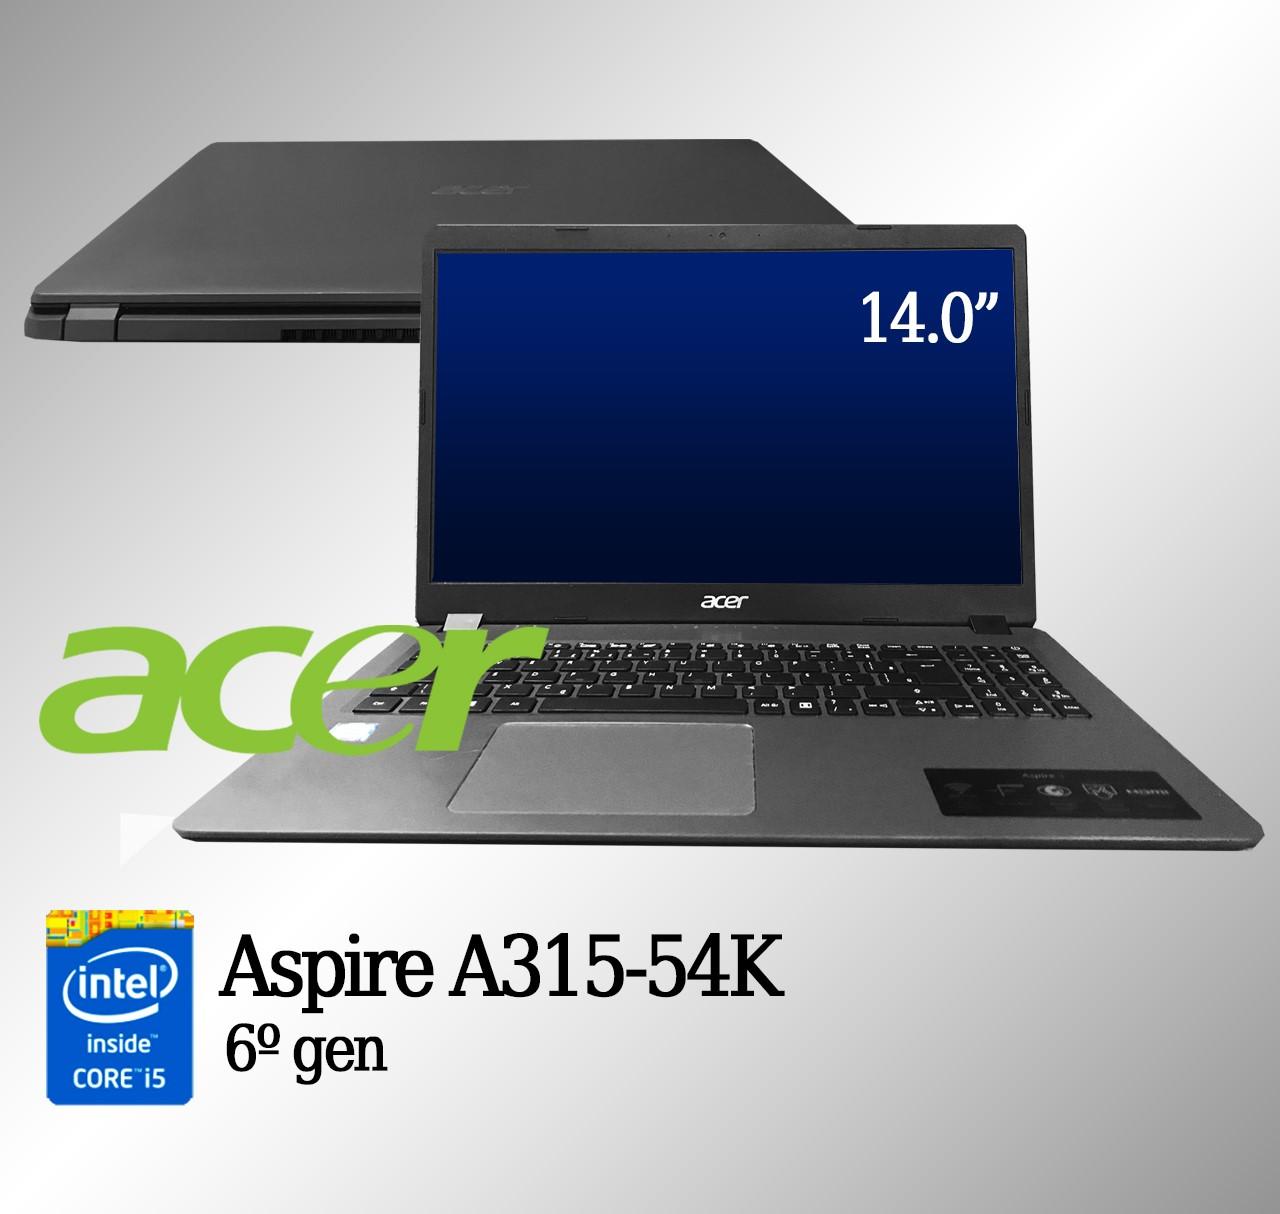 Laptop Acer A315-54K Intel i5 6a. Geração 4GB de memória RAM e 240GB de SSD